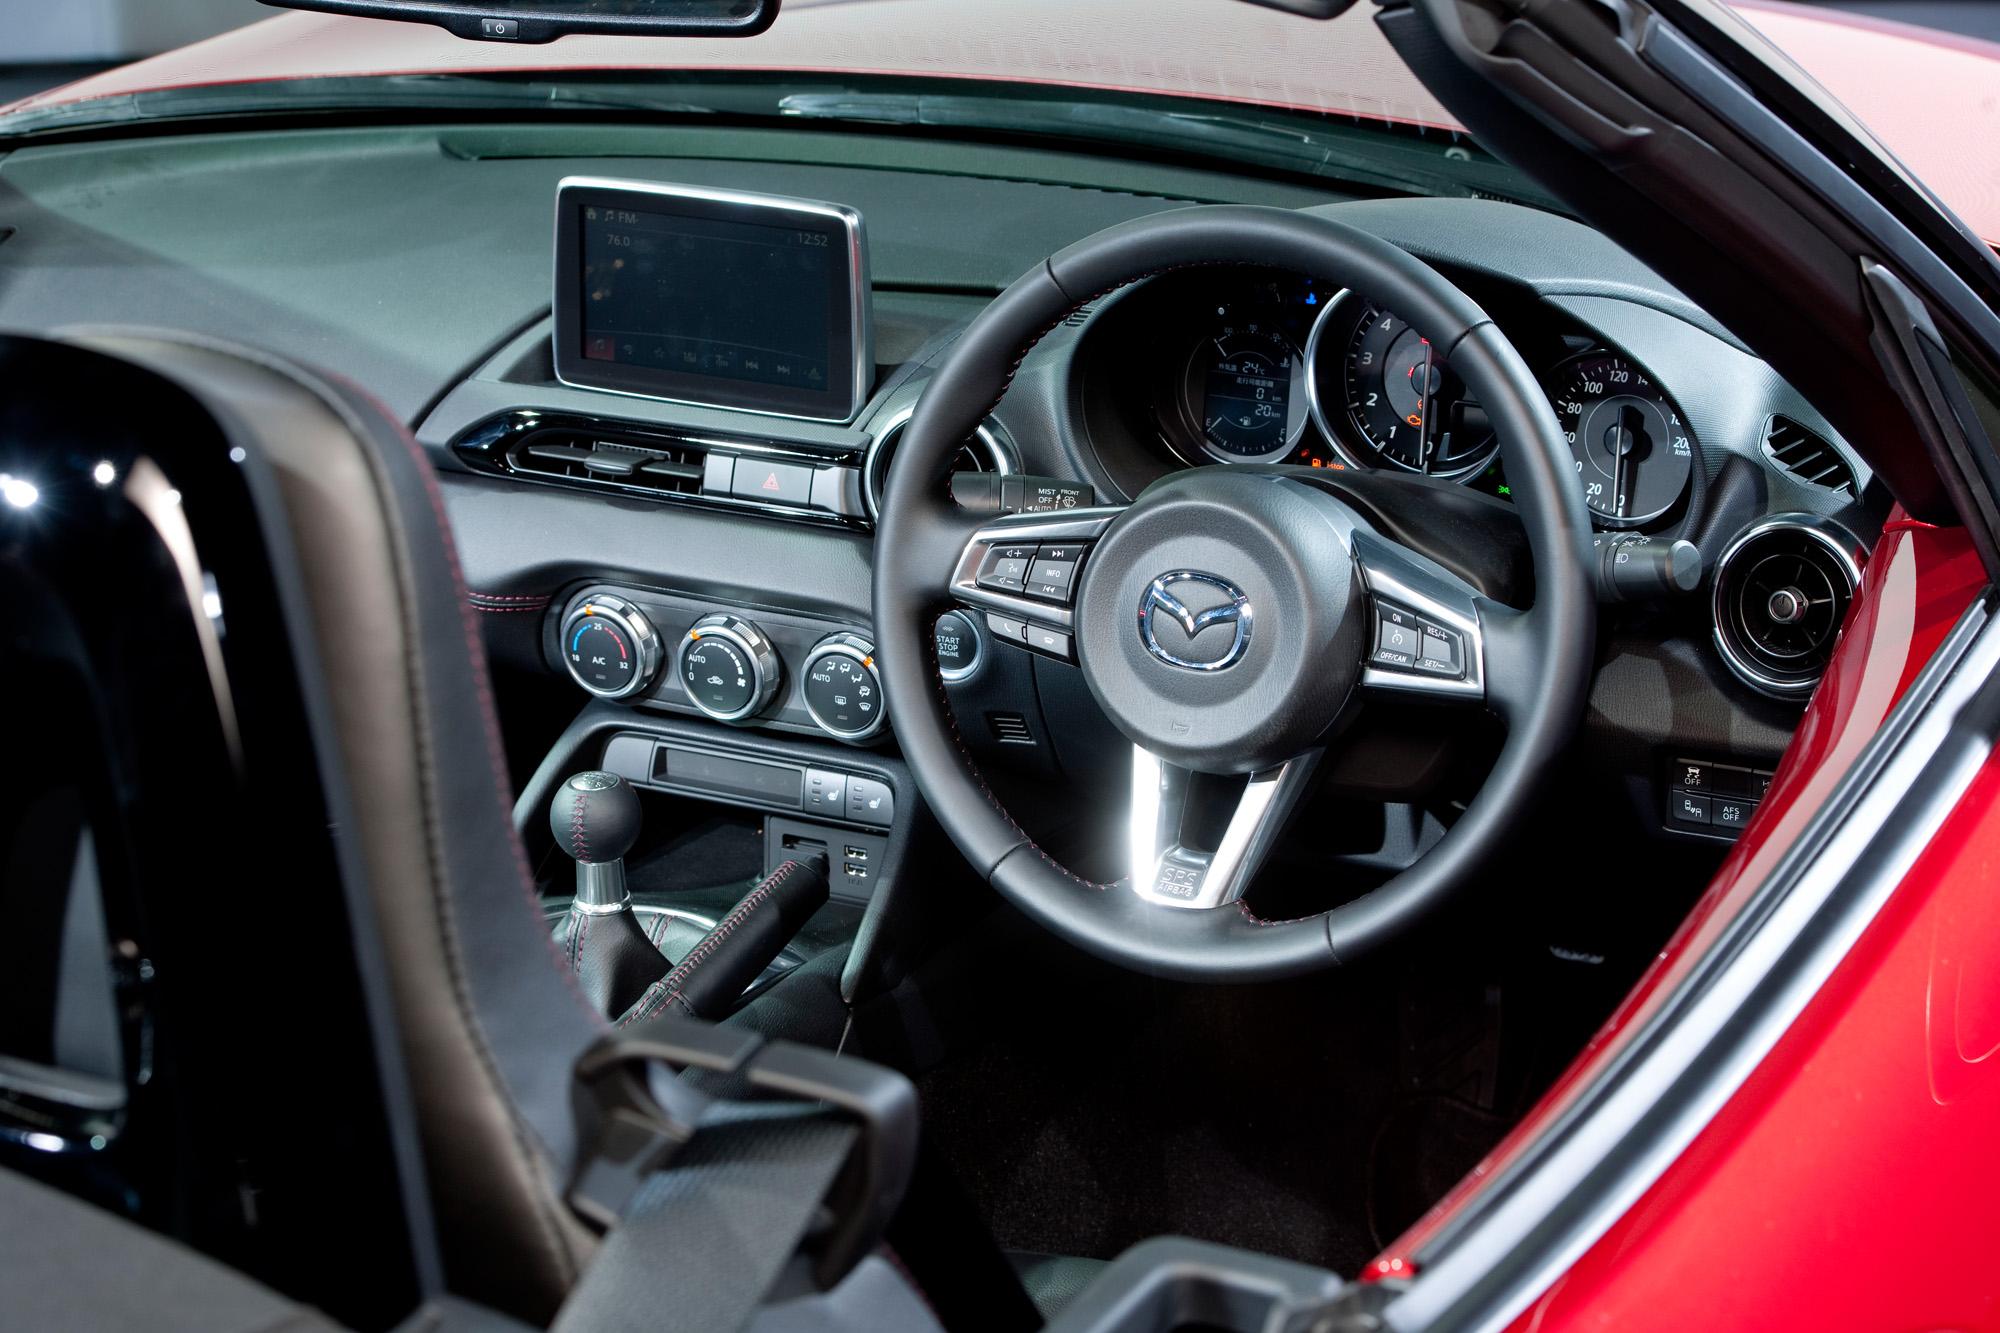 Bald auch als Linkslenker: Der neue Mazda MX-5 ND ab Q3 2015